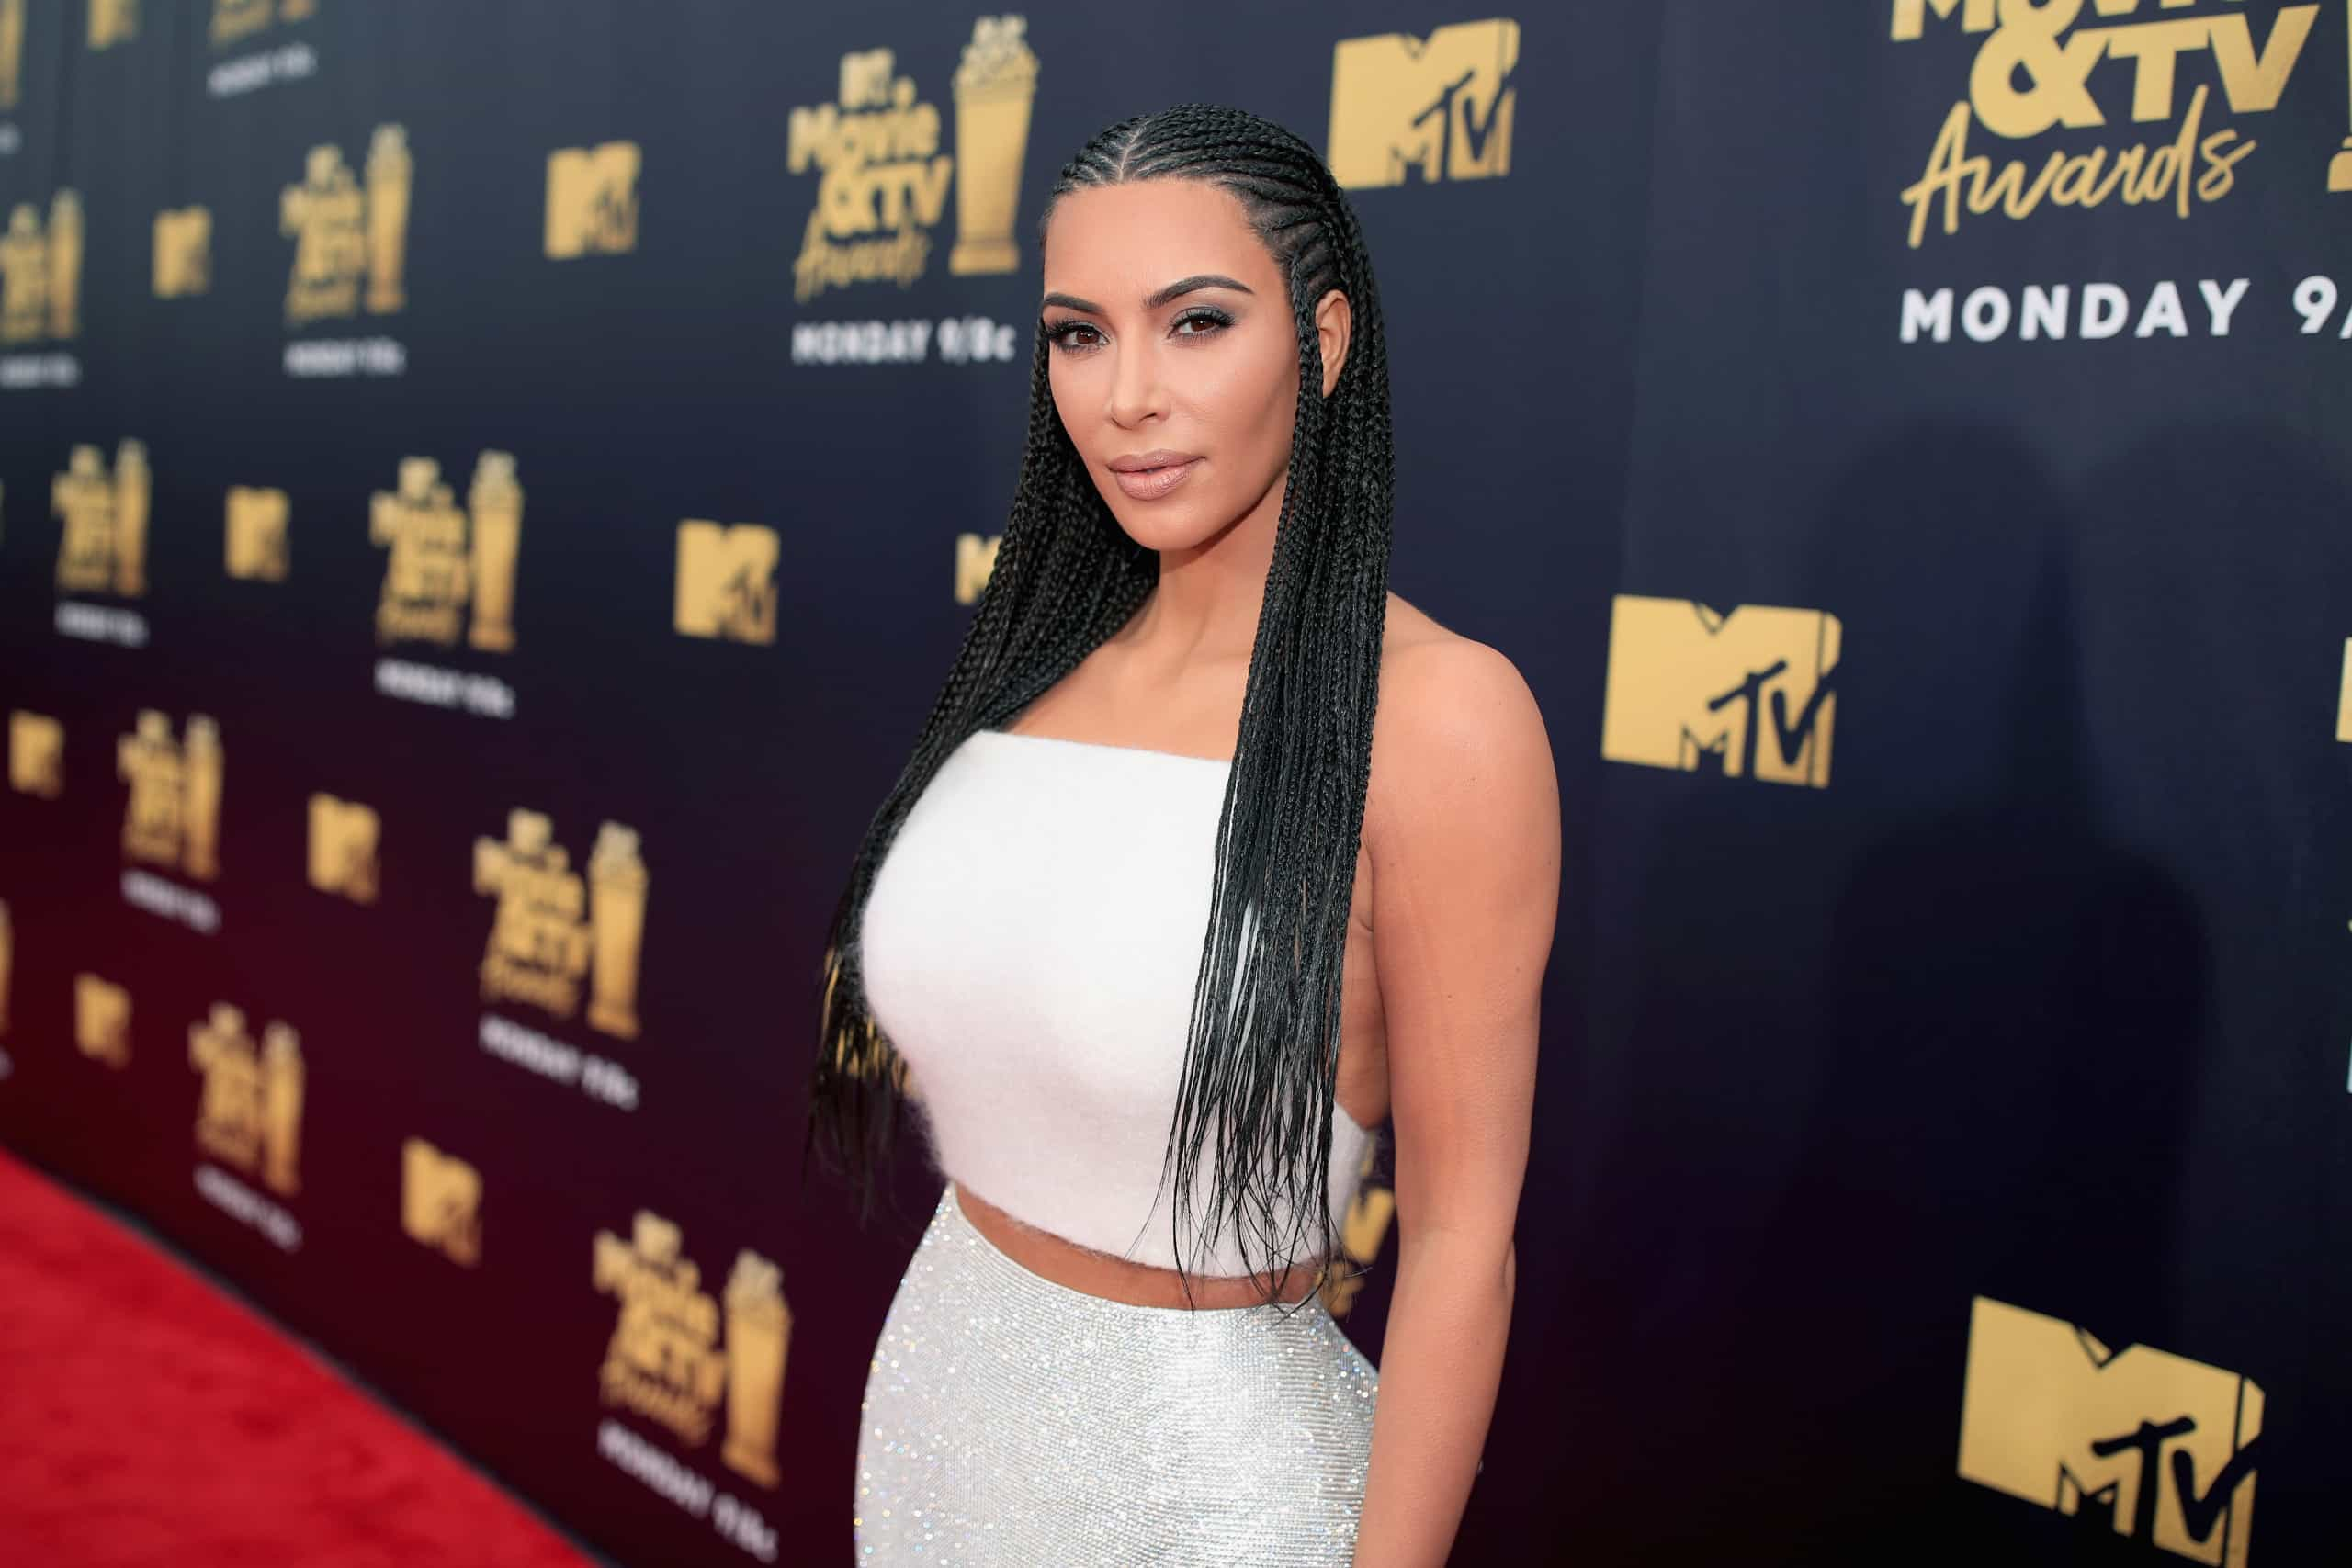 Das mais ousadas às ternurentas: As melhores fotos de Kim Kardashian